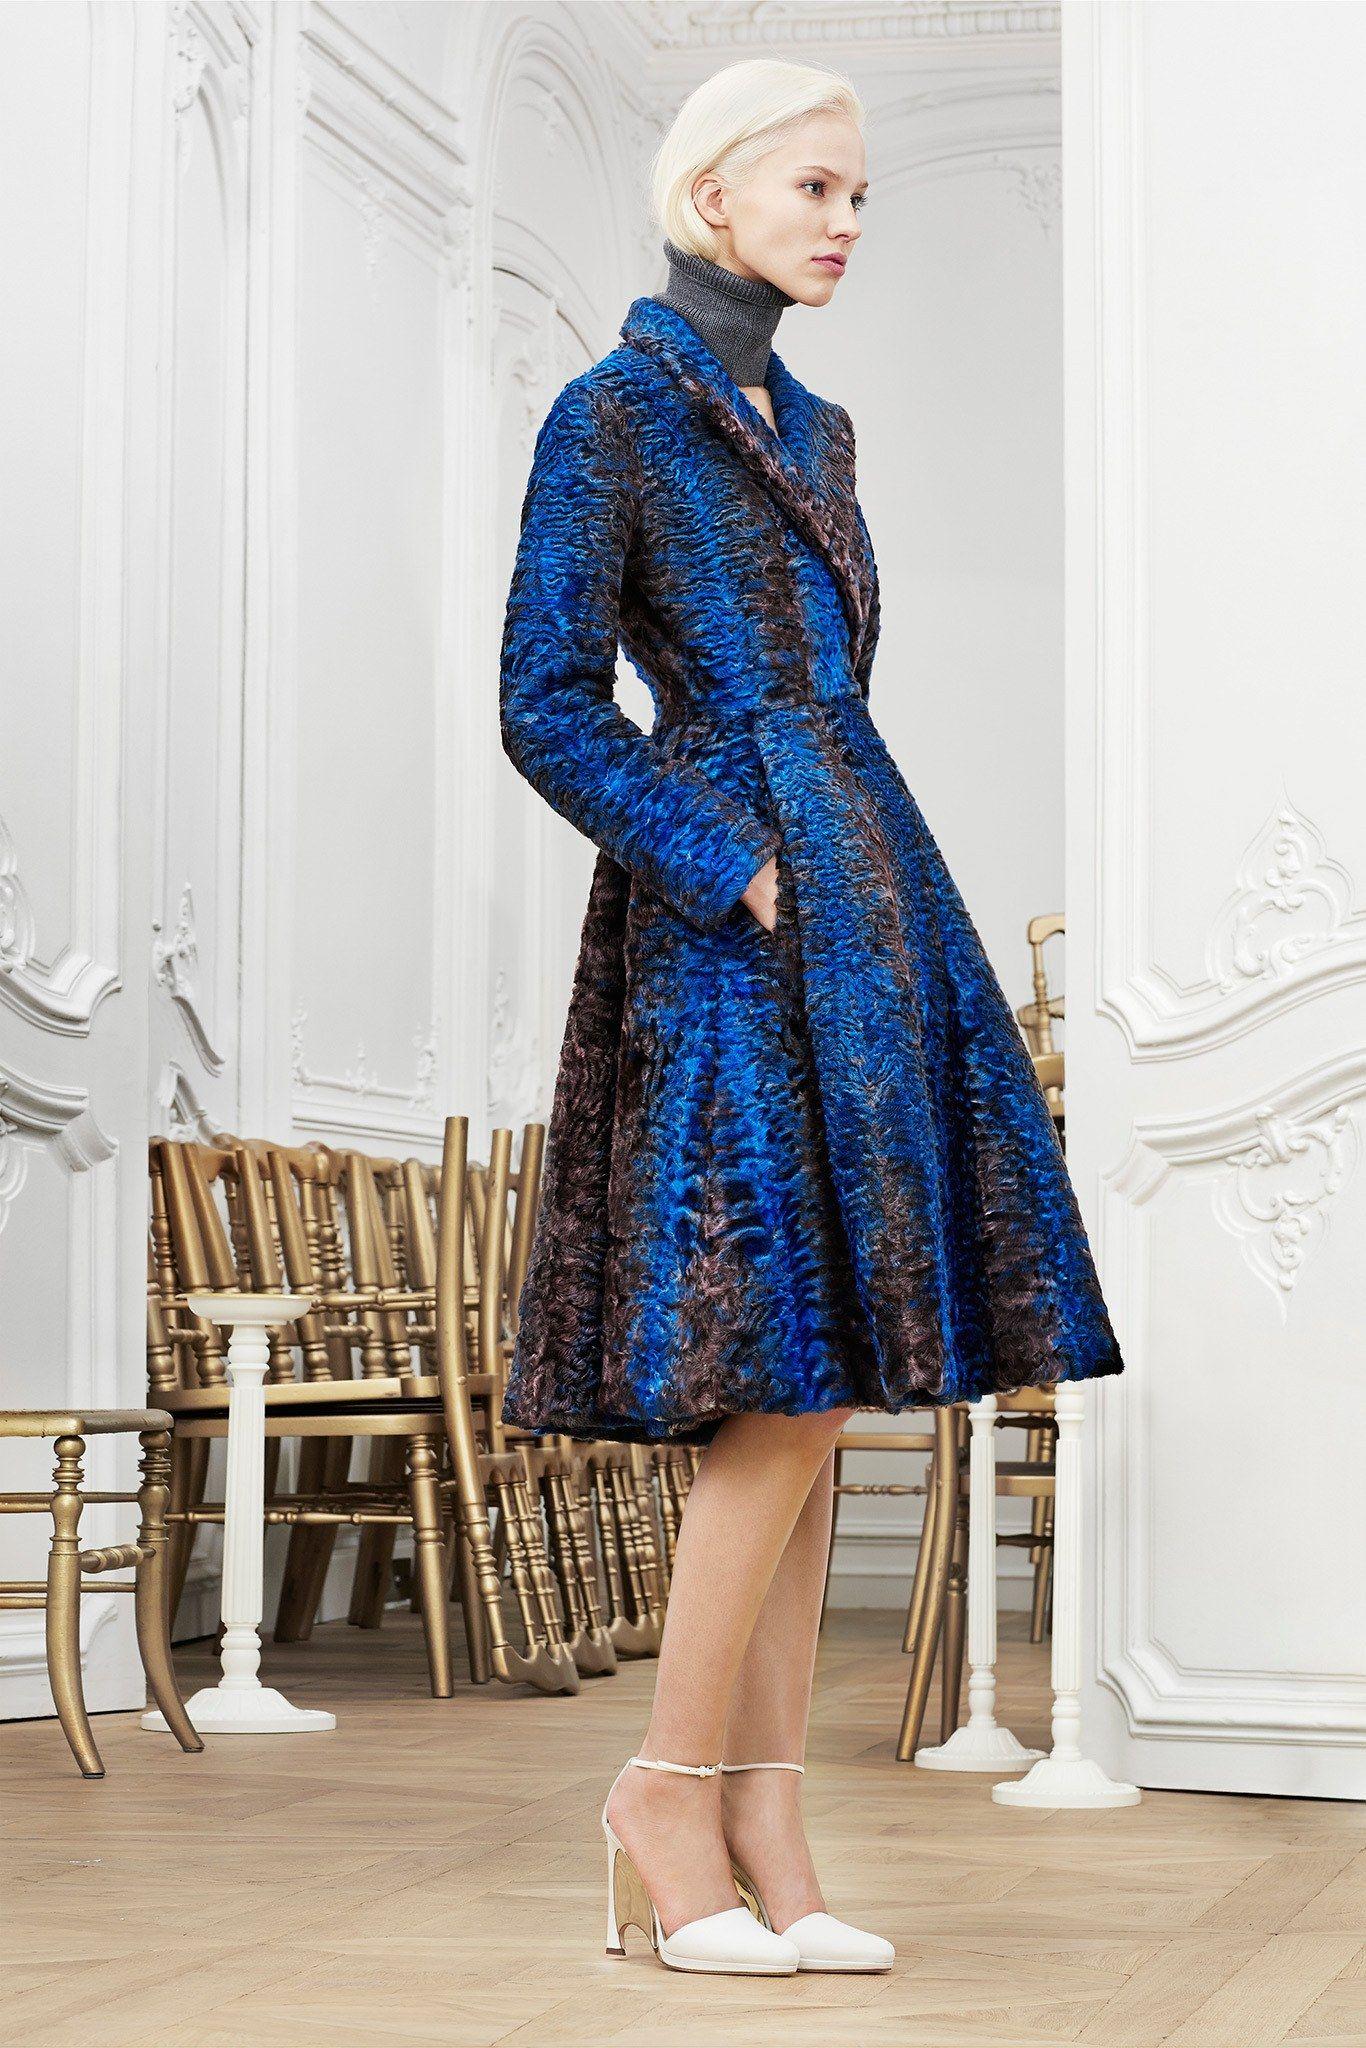 Christian Dior Pre-Fall 2014 Fashion Show